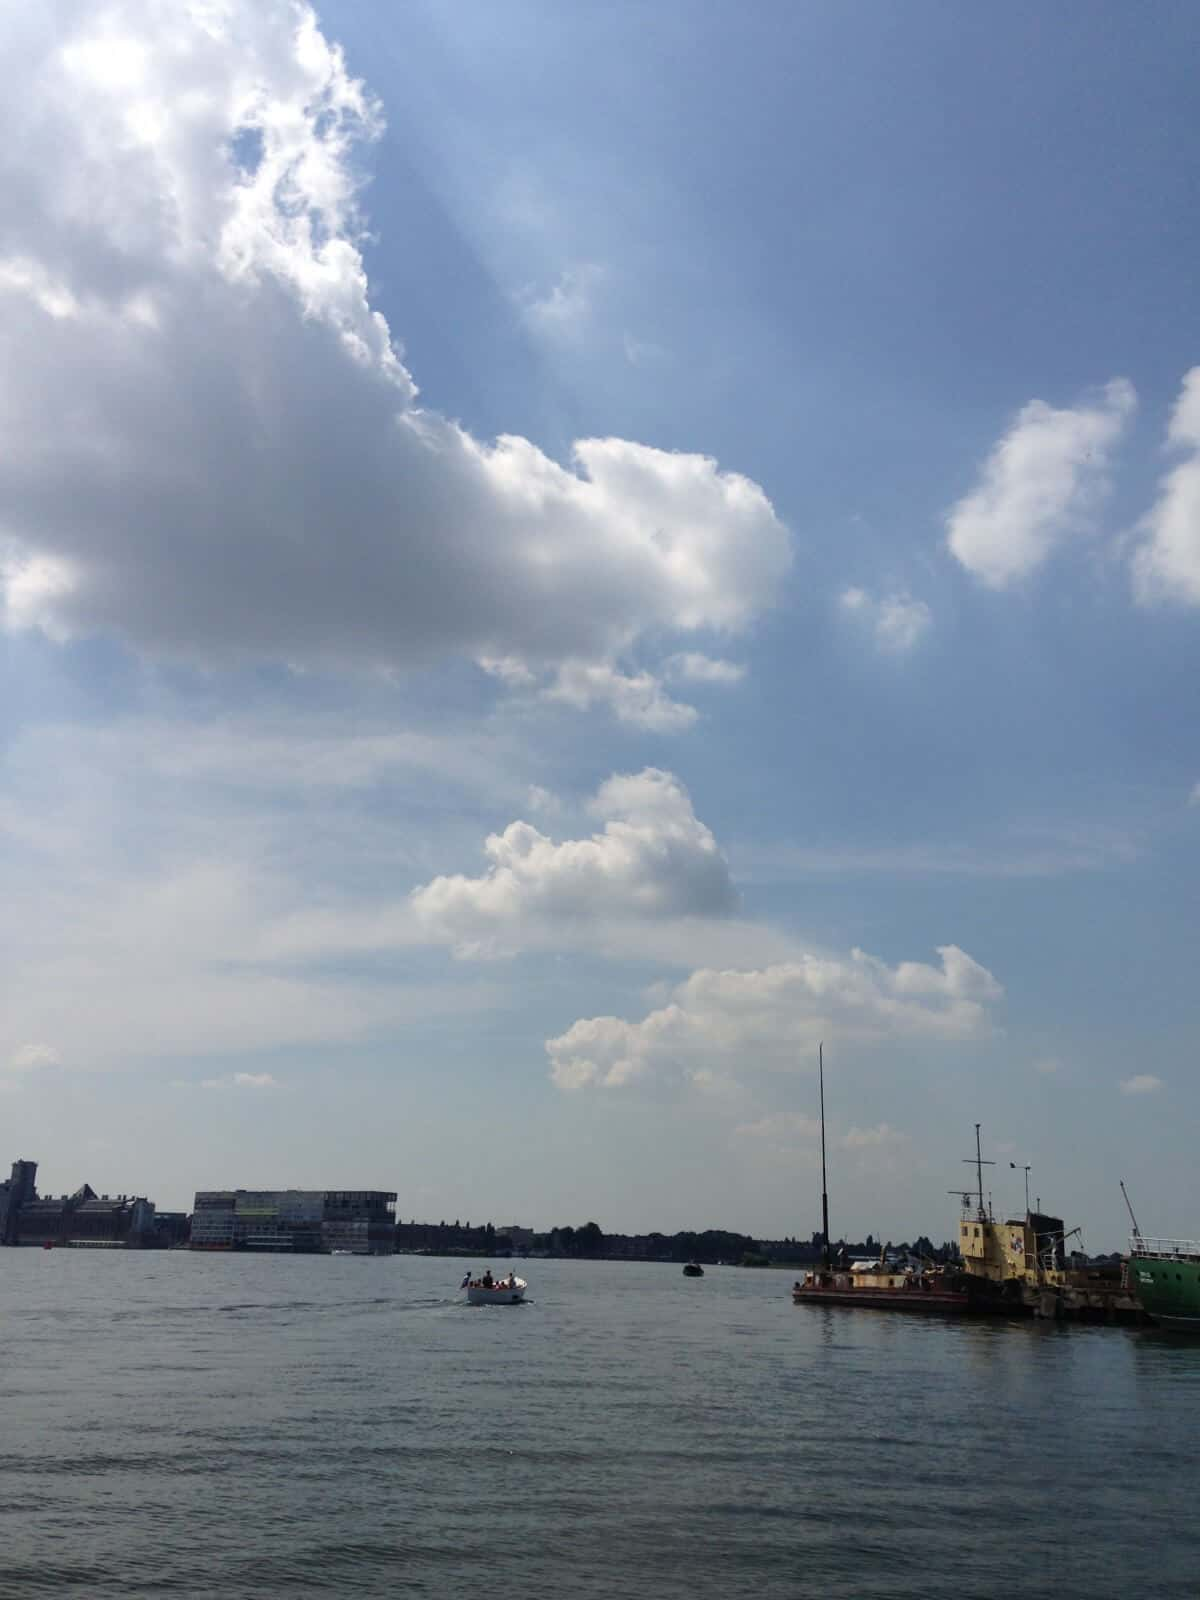 geWoonboot Sloepvaart vertrokken